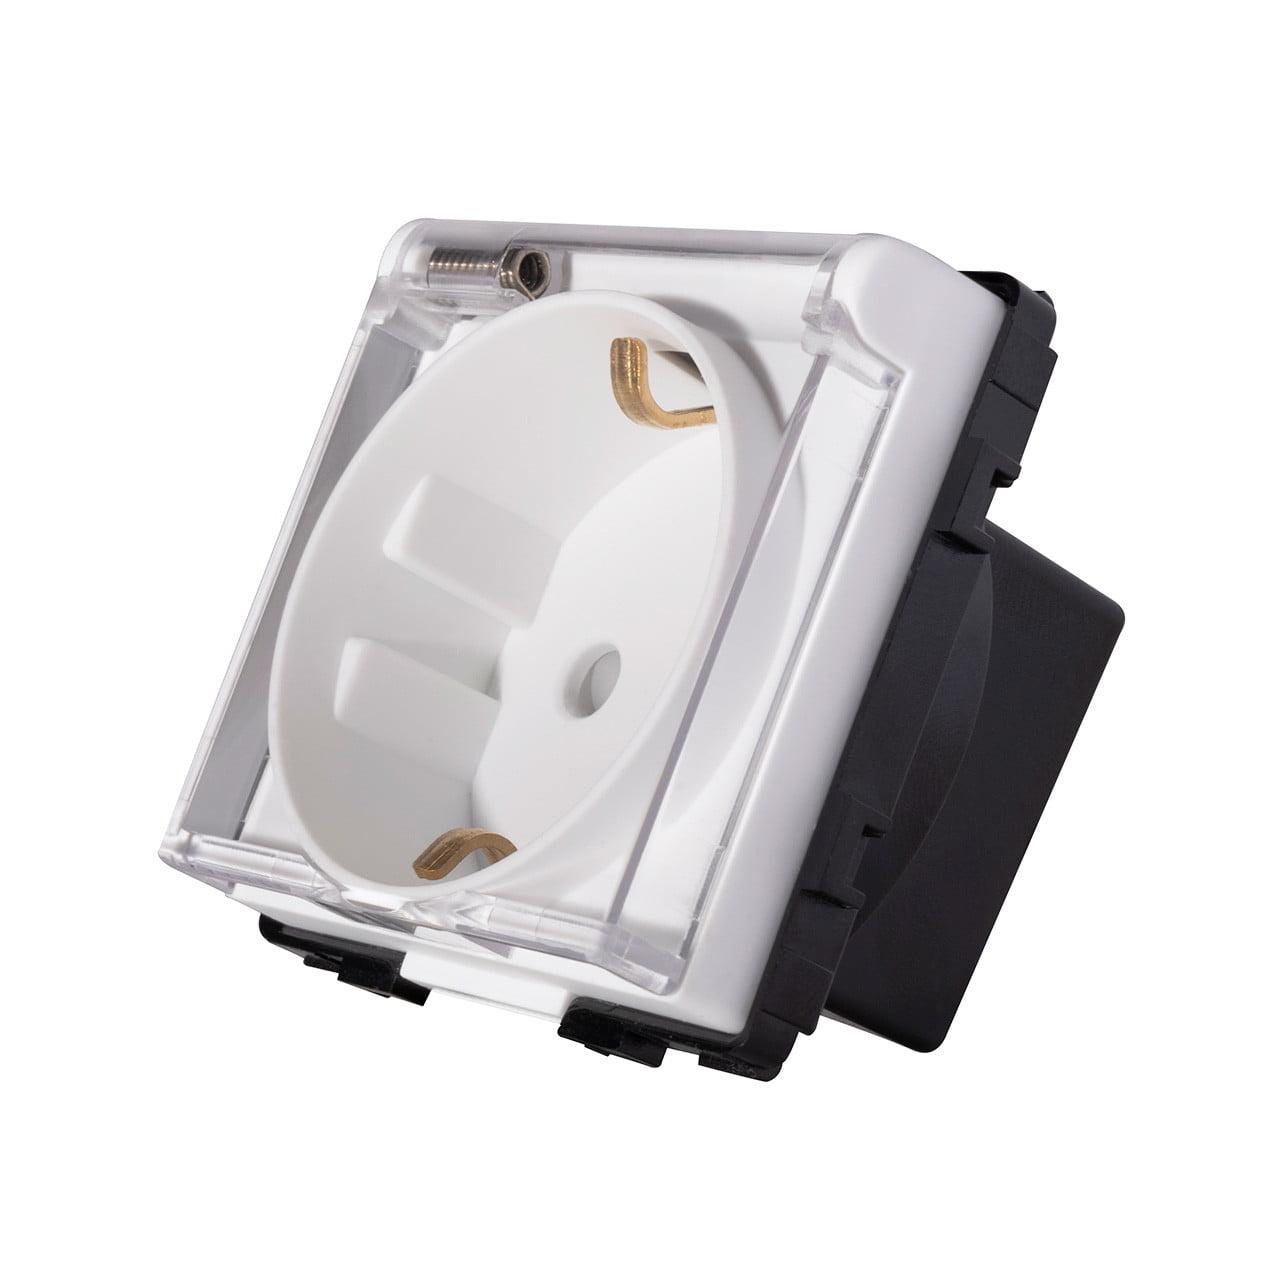 Modul priza schuko, capac protectie apa, 250V, 16A, Smart Home